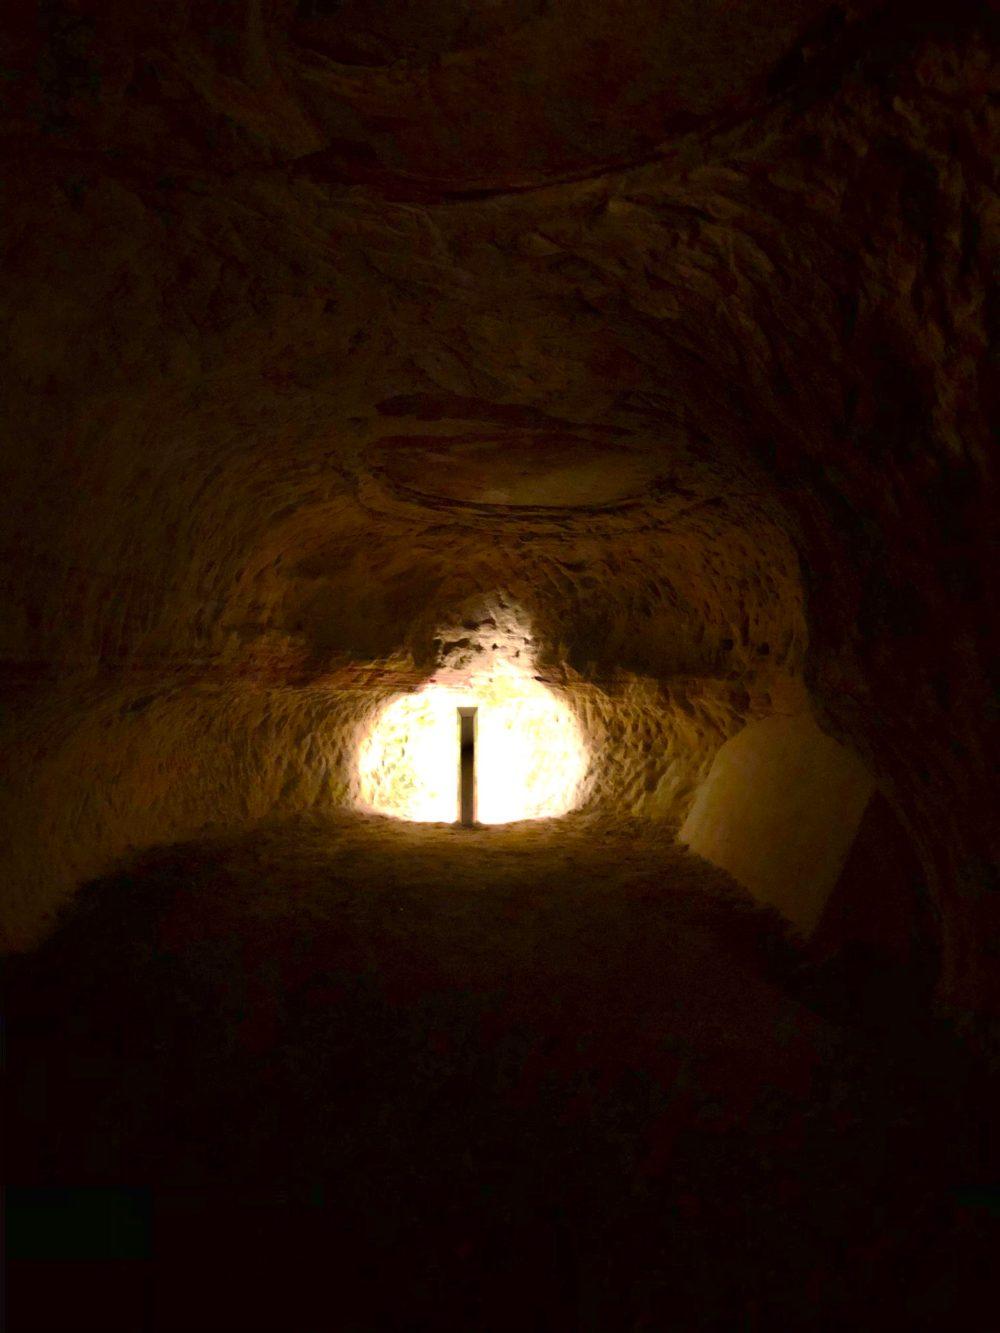 Zur Wand gedrehte Lampe, die den Felsen bestrahlt